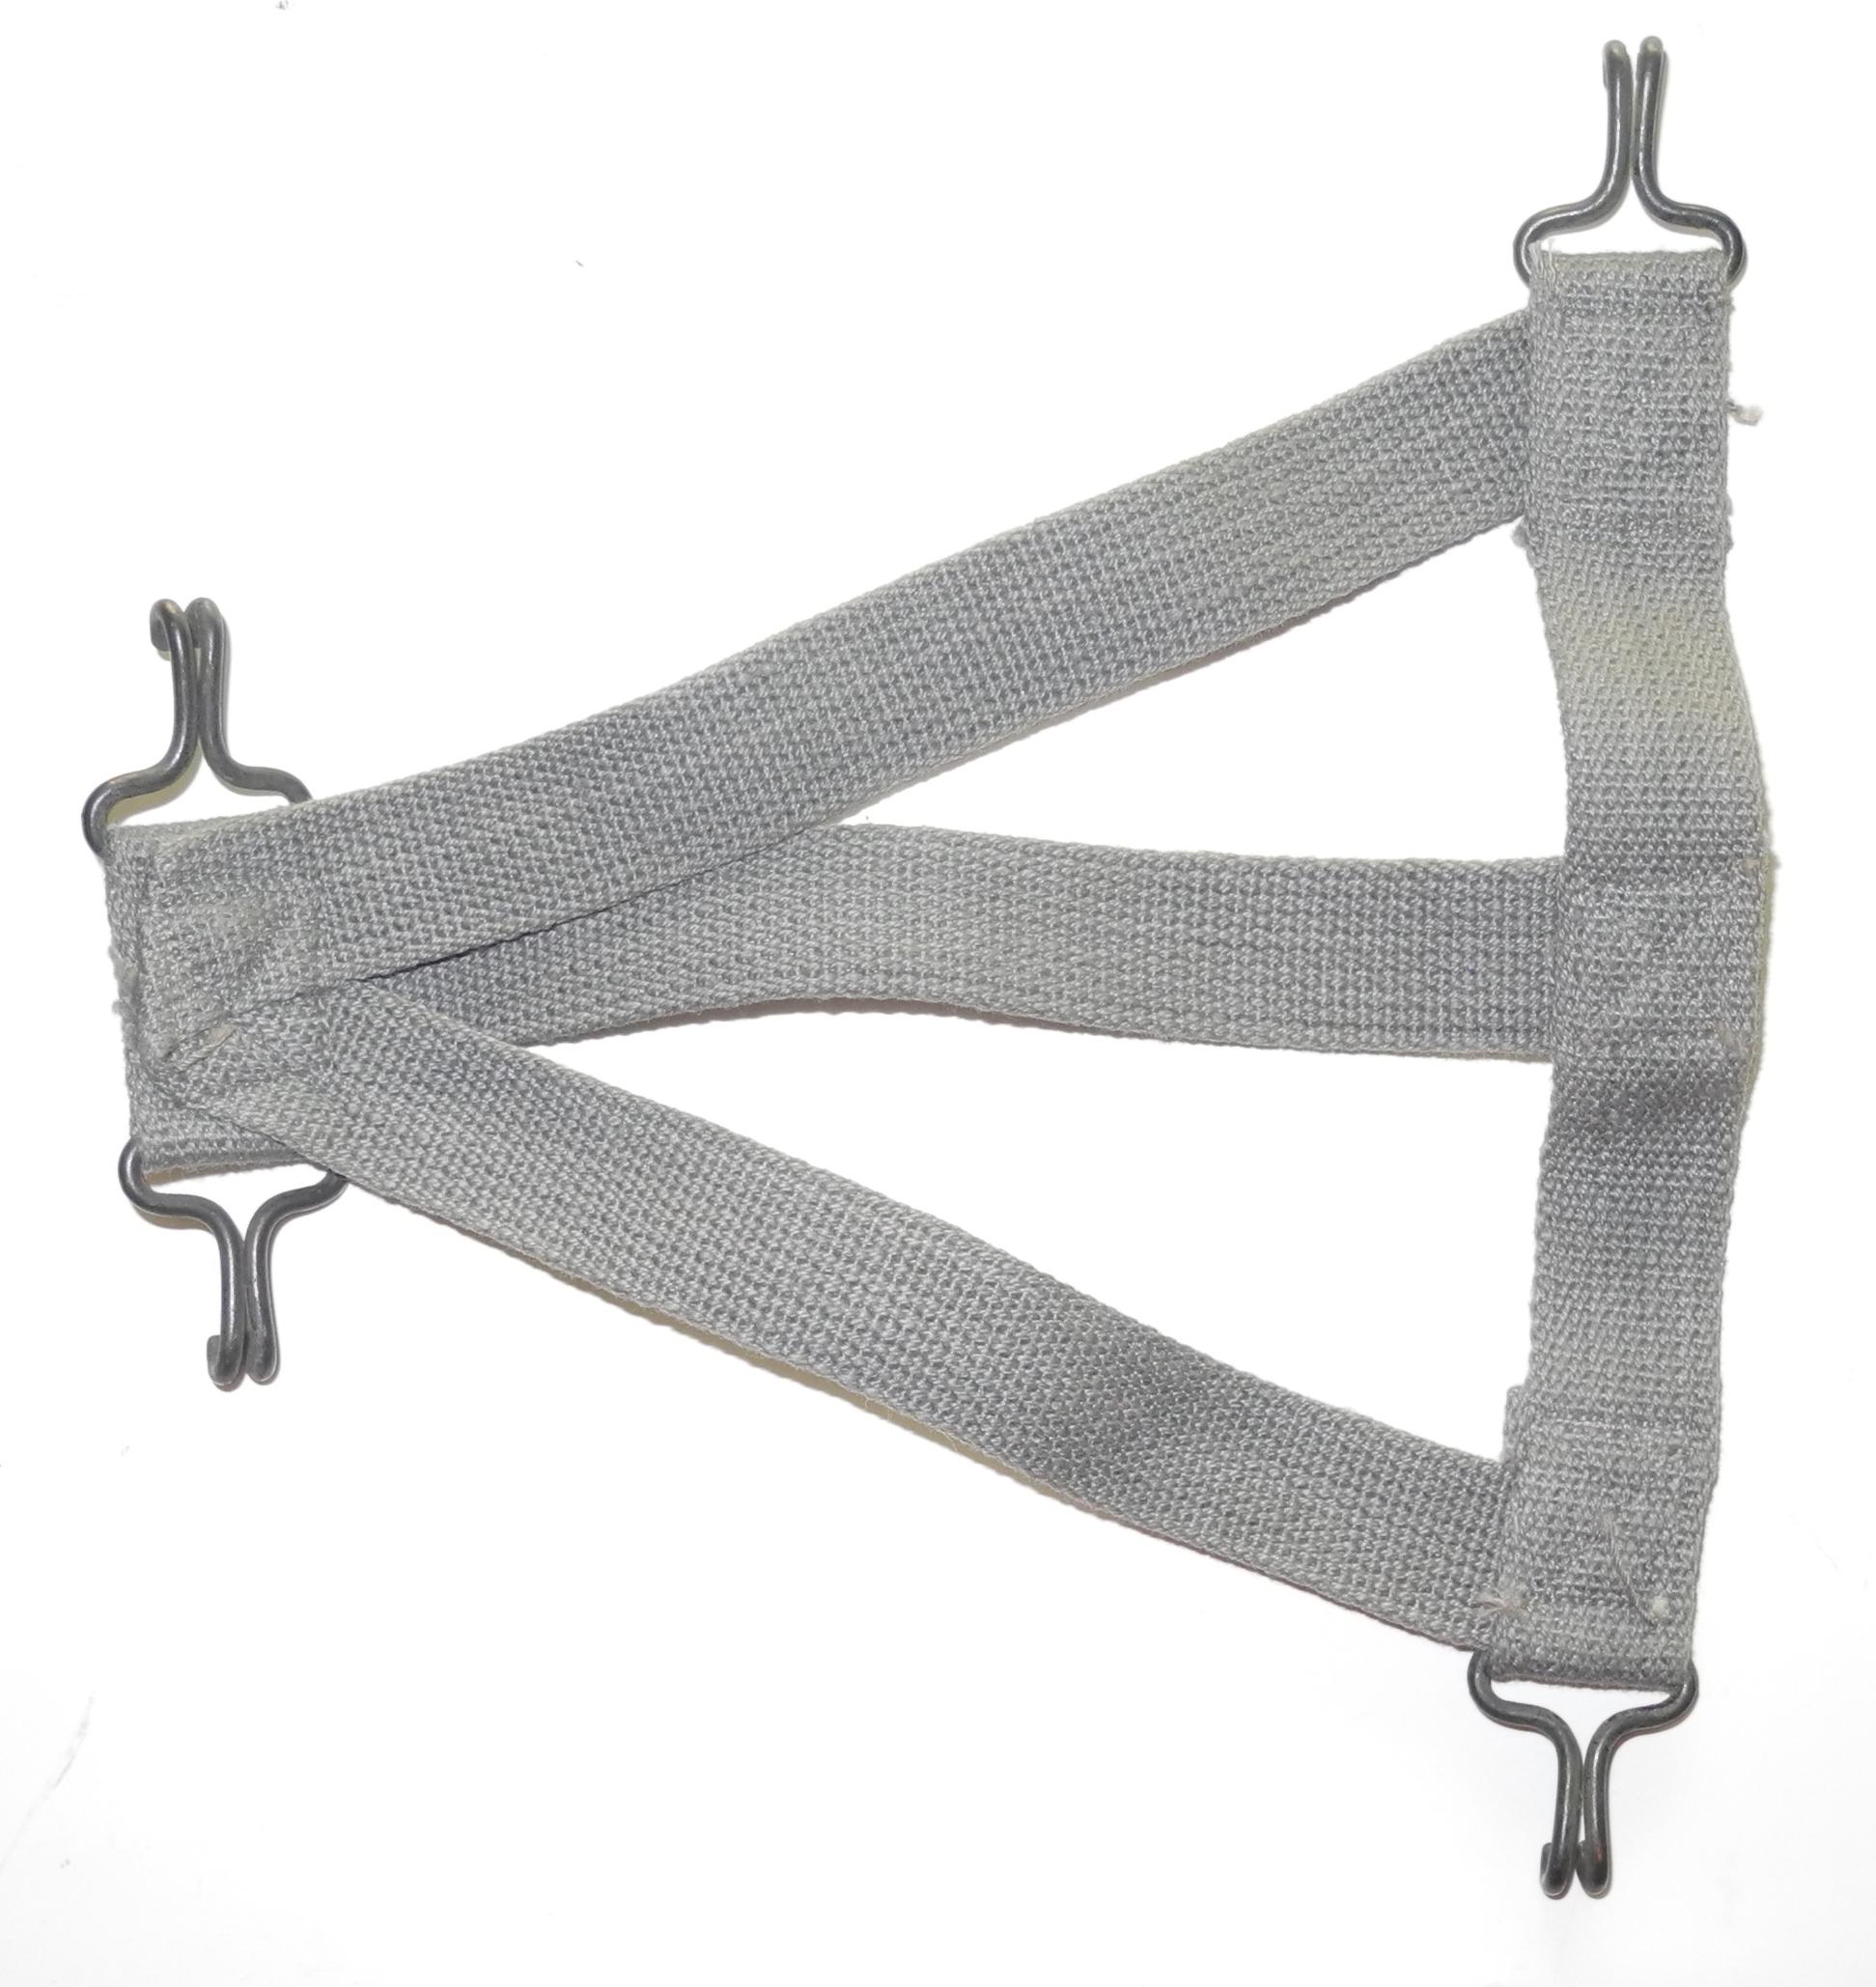 AAF Juliet strap for A-9 oxygen mask